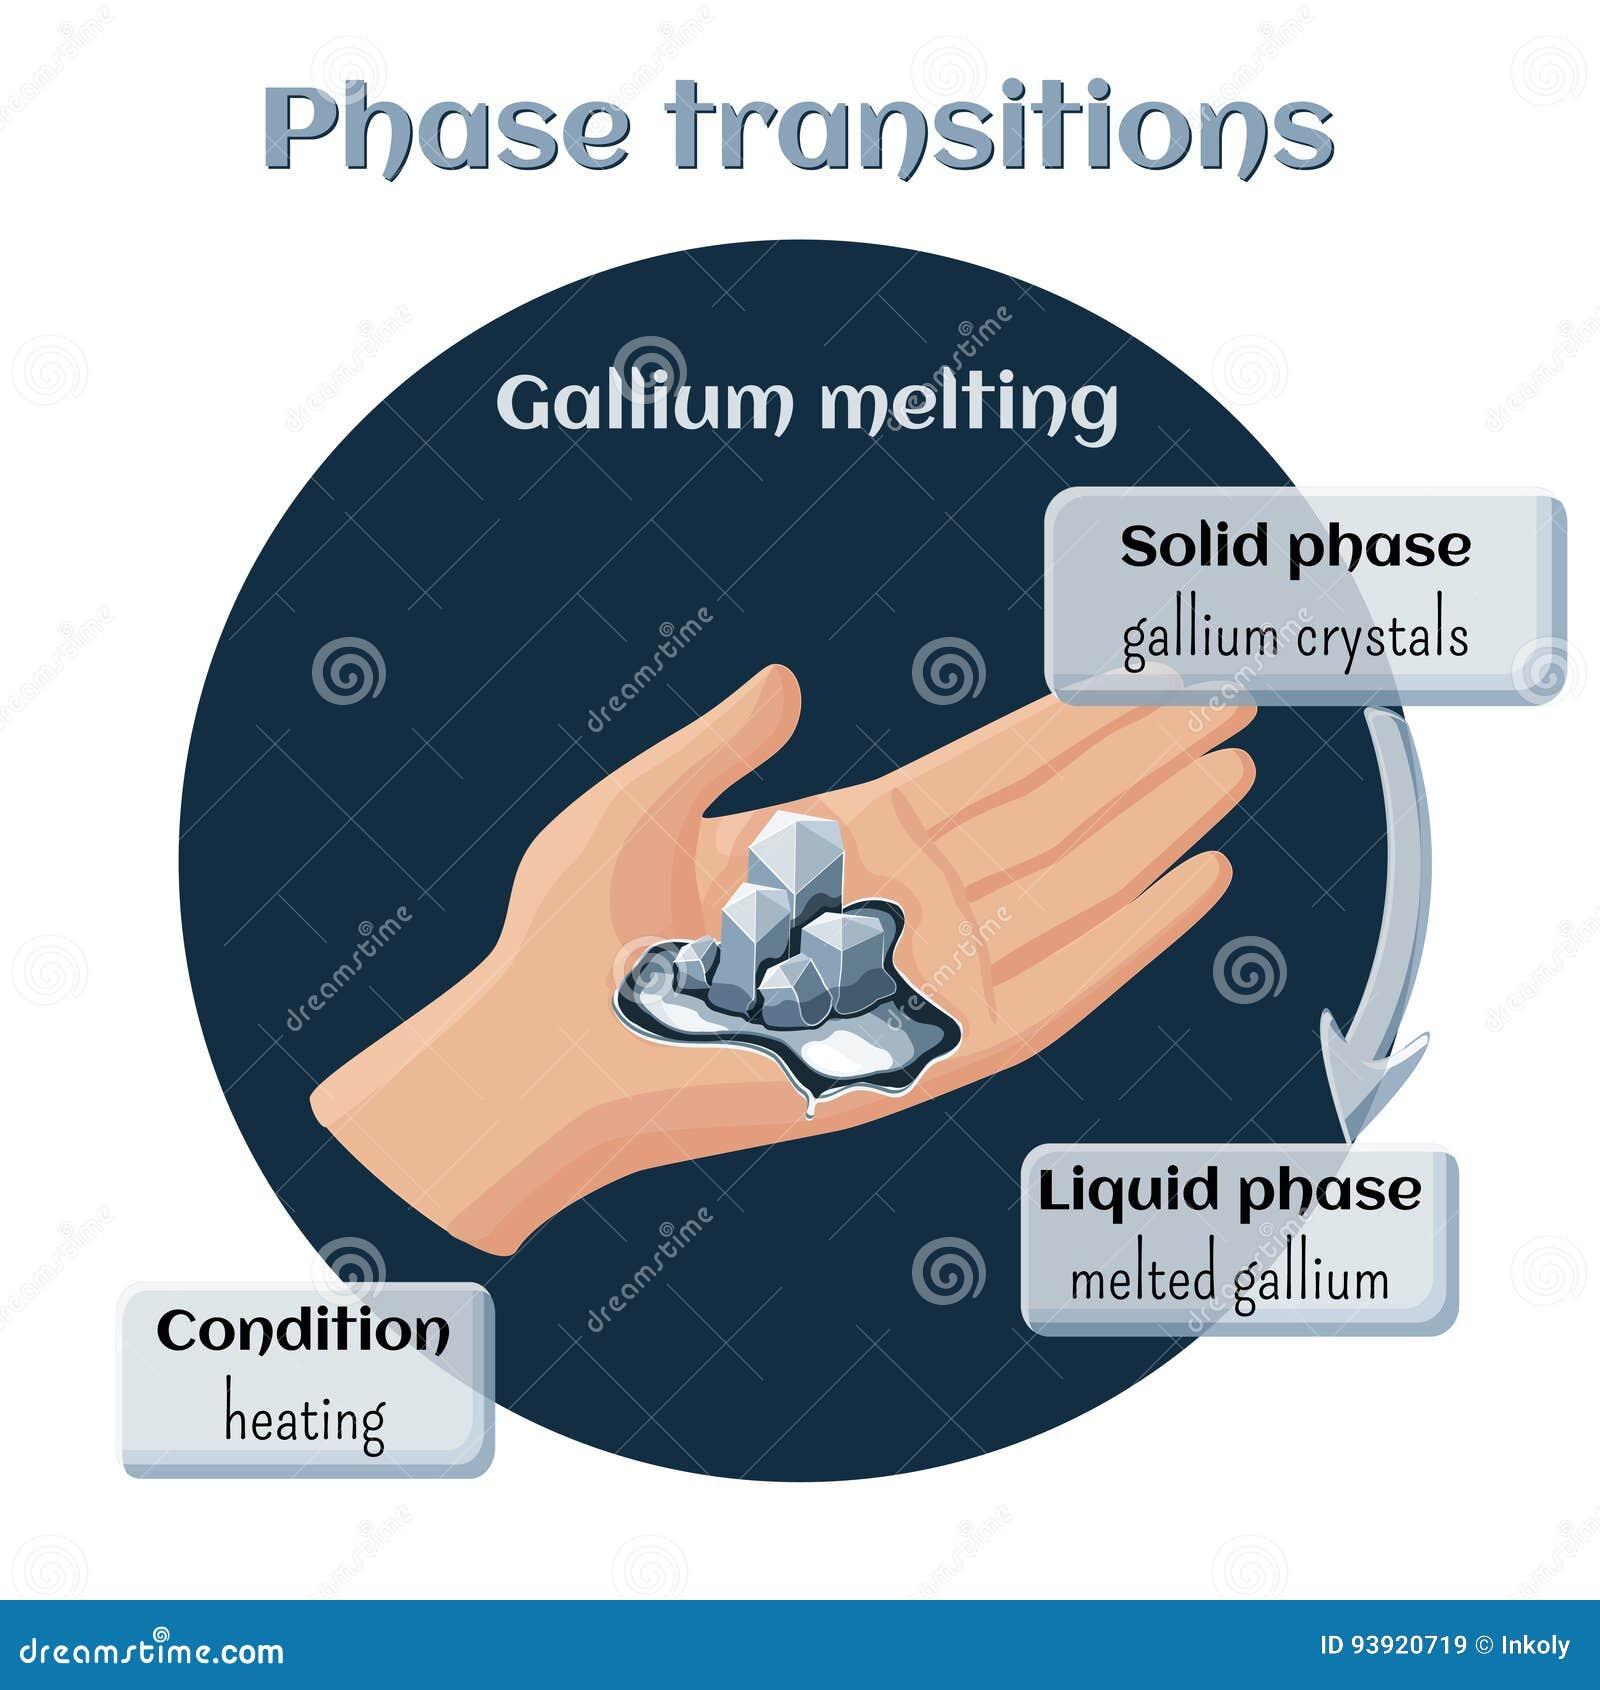 Derretimento do gálio Transição de fase de contínuo ao estado líquido